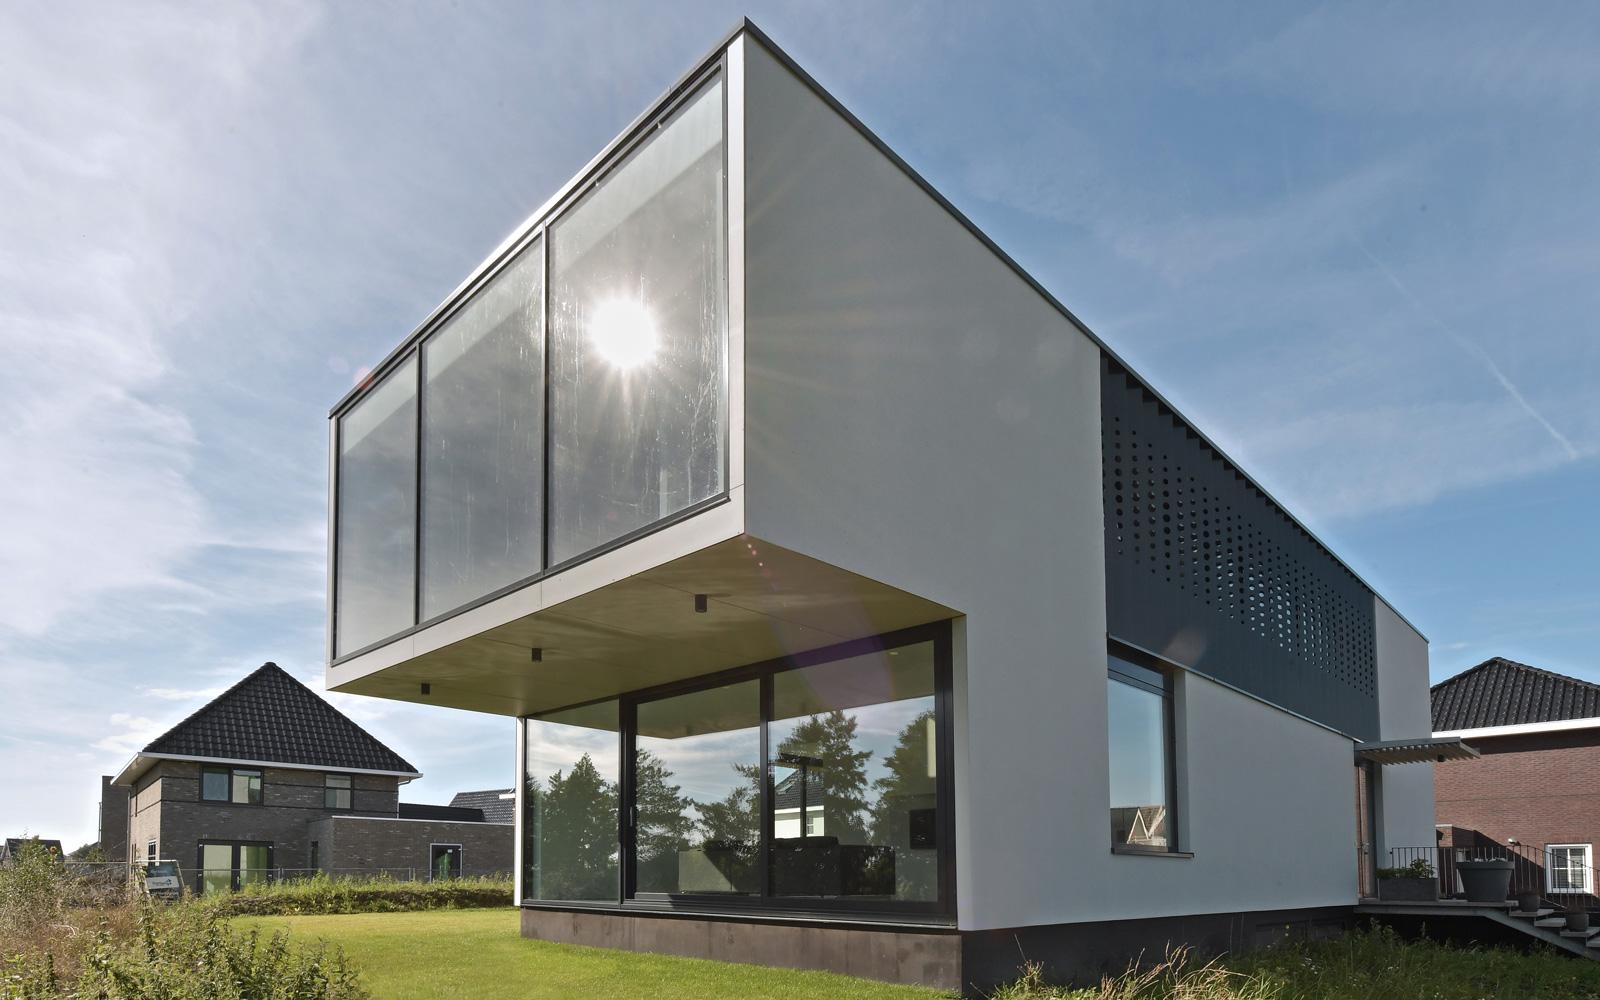 Lautenbag Architectuur heeft deze prachtige villa ontworpen.